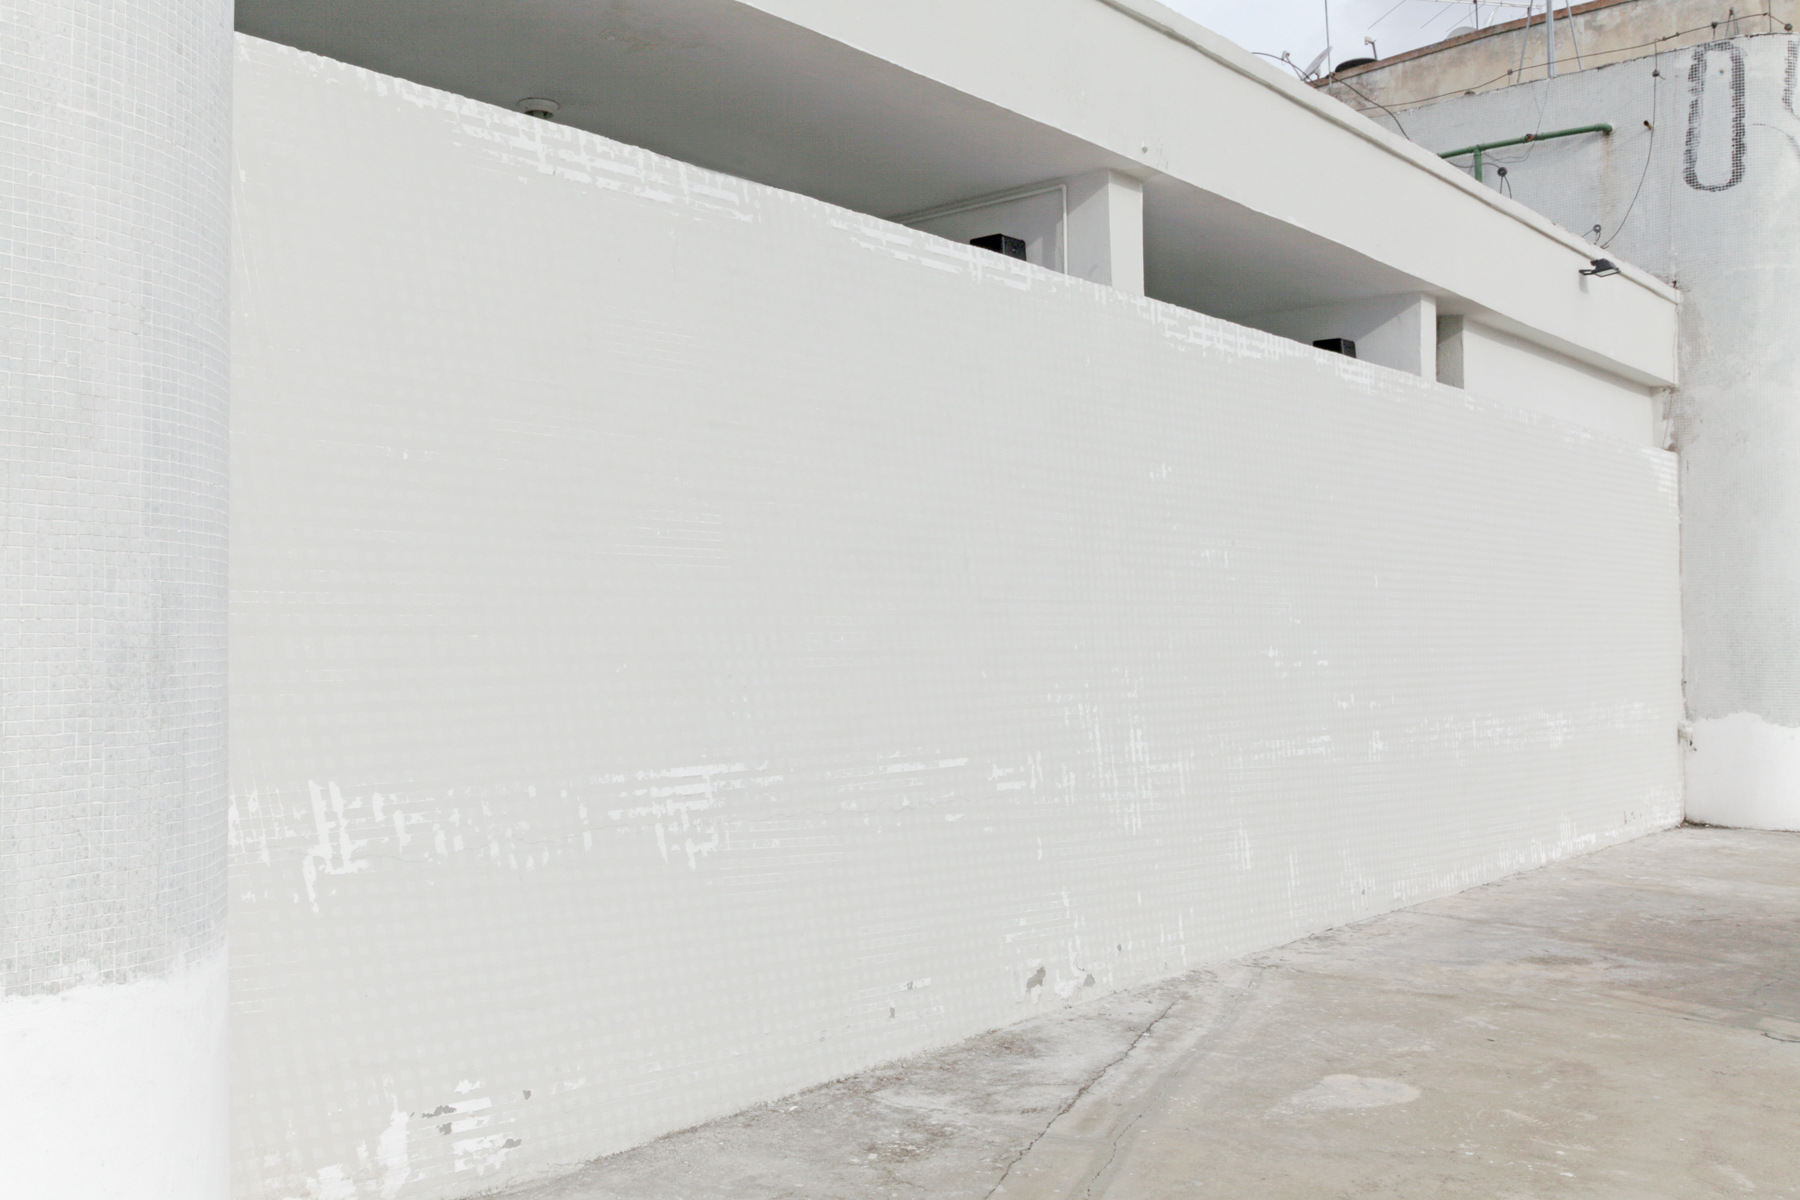 15.2 Observatório - Hipótese e Horizonte - Ricardo Carioba, Vibração e monumento